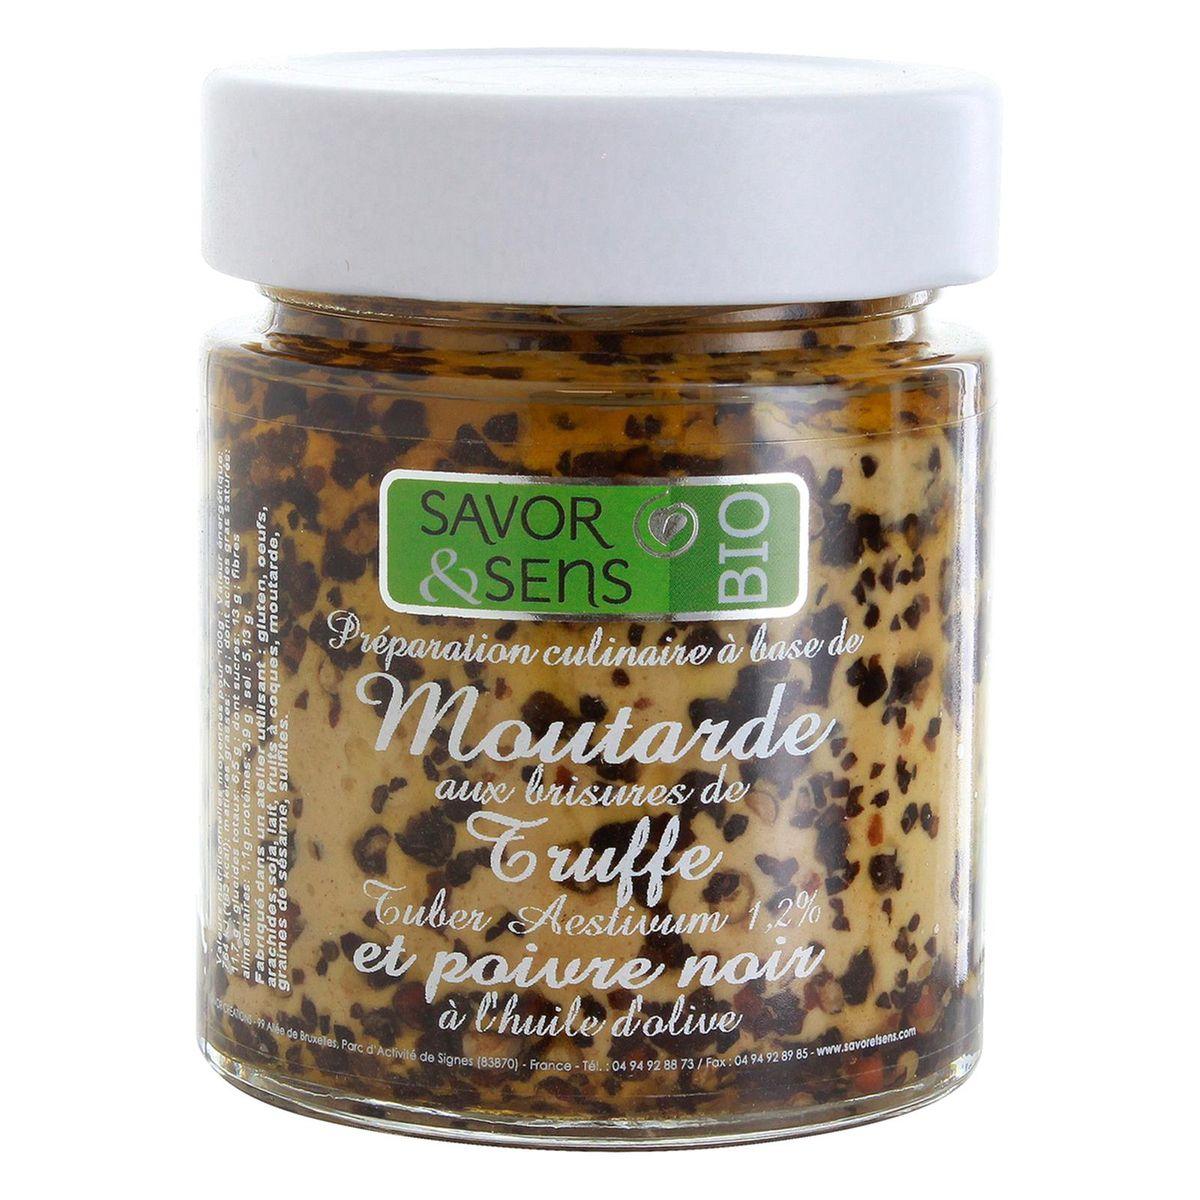 Moutarde bio brisures de truffe noire 130g - Savor et Sens